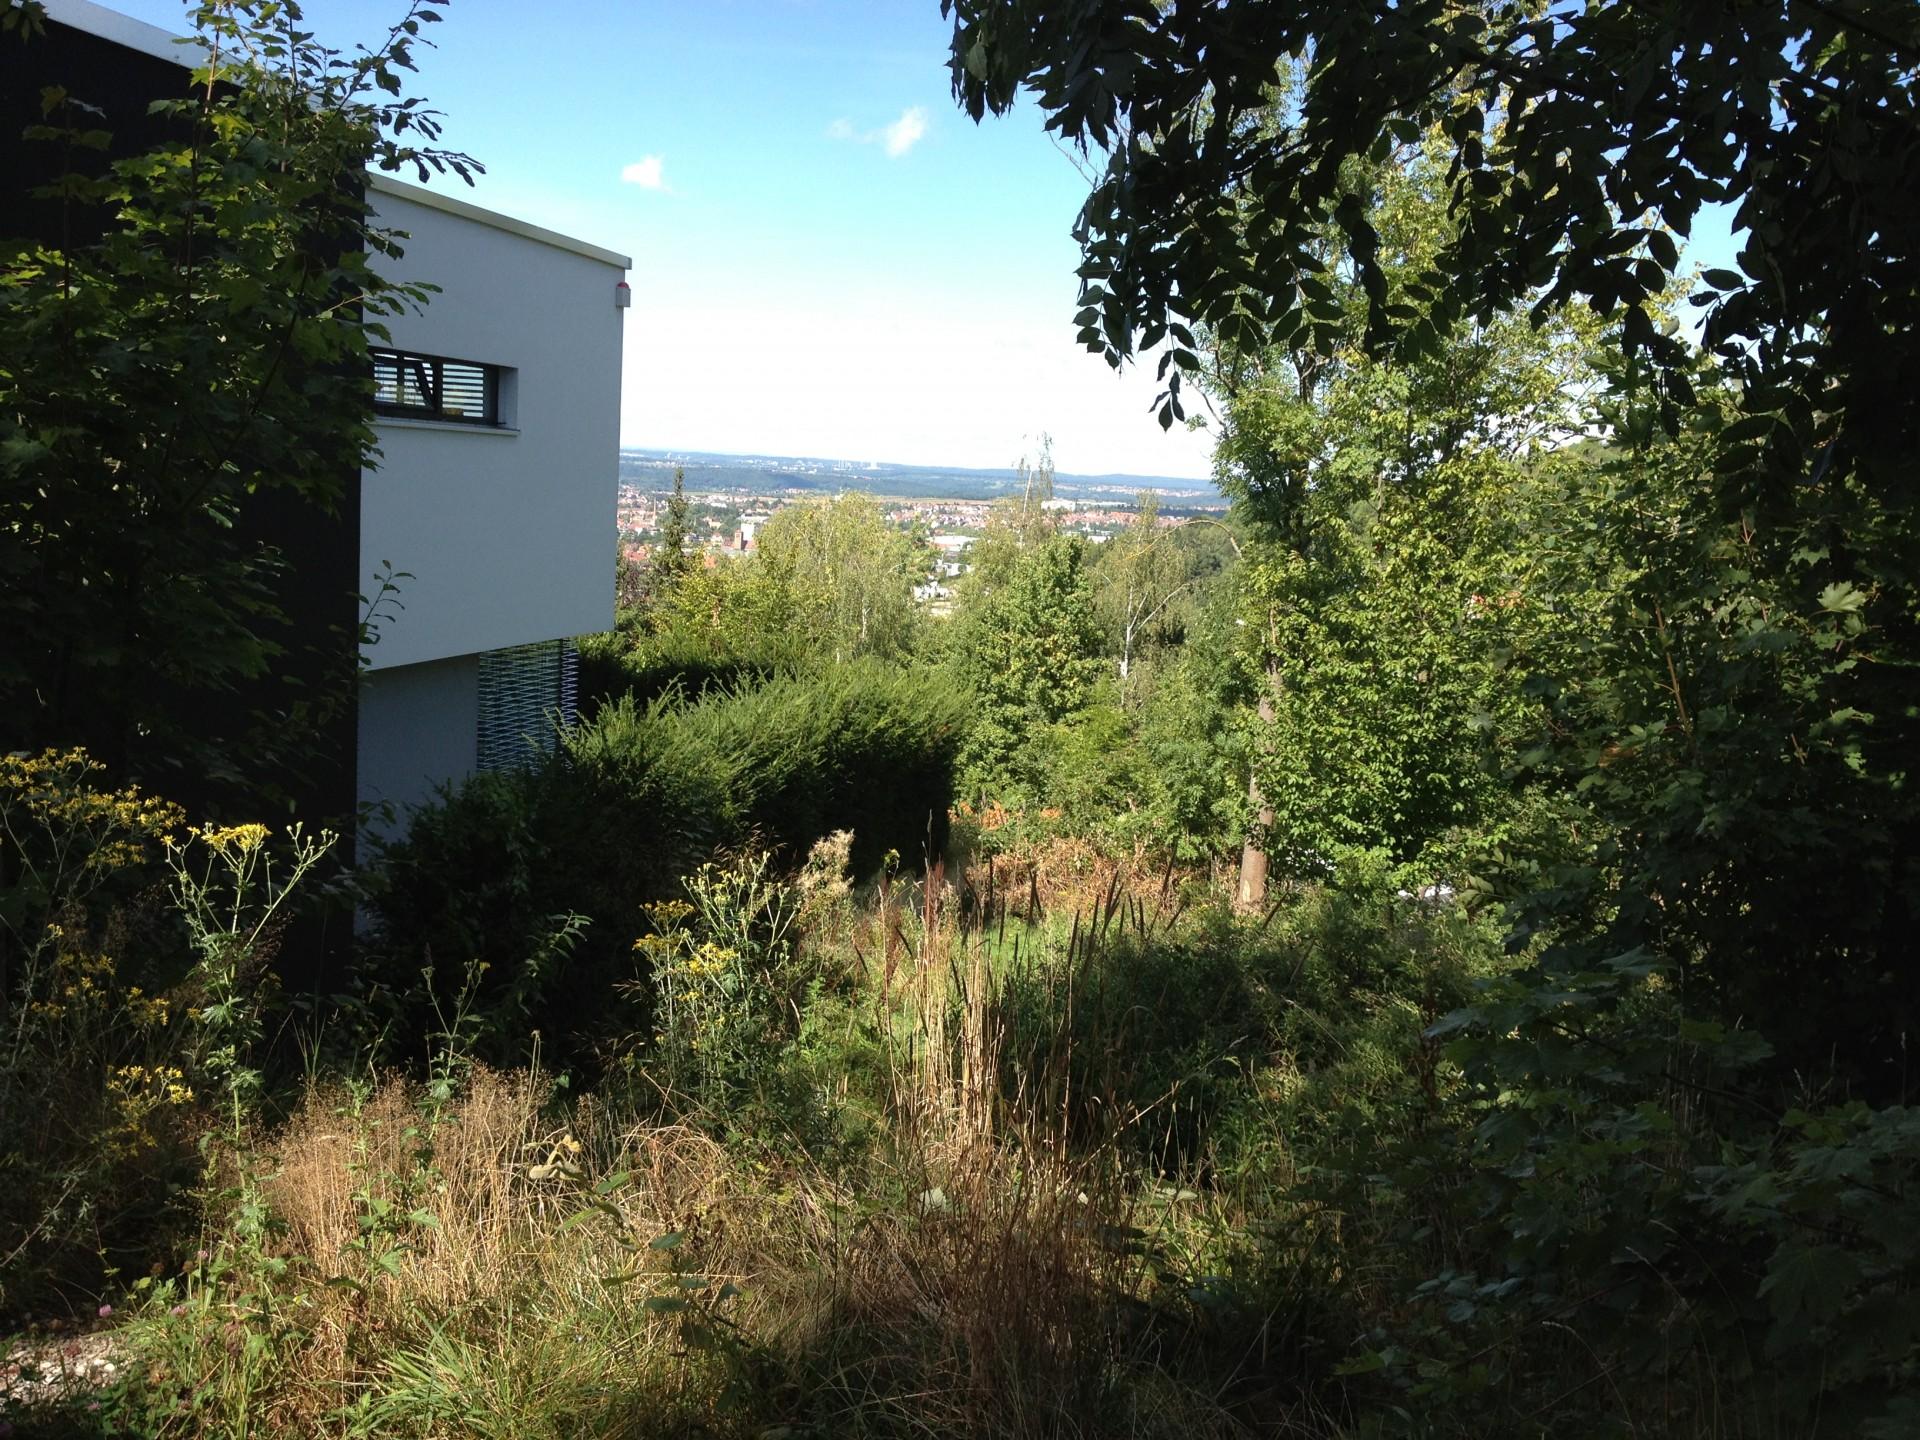 https://www.jentz-bau.de/media/pages/projekte/wohnhaus-loewen-an-der-achalm/3769710763-1605622405/bildba239_9190.jpg